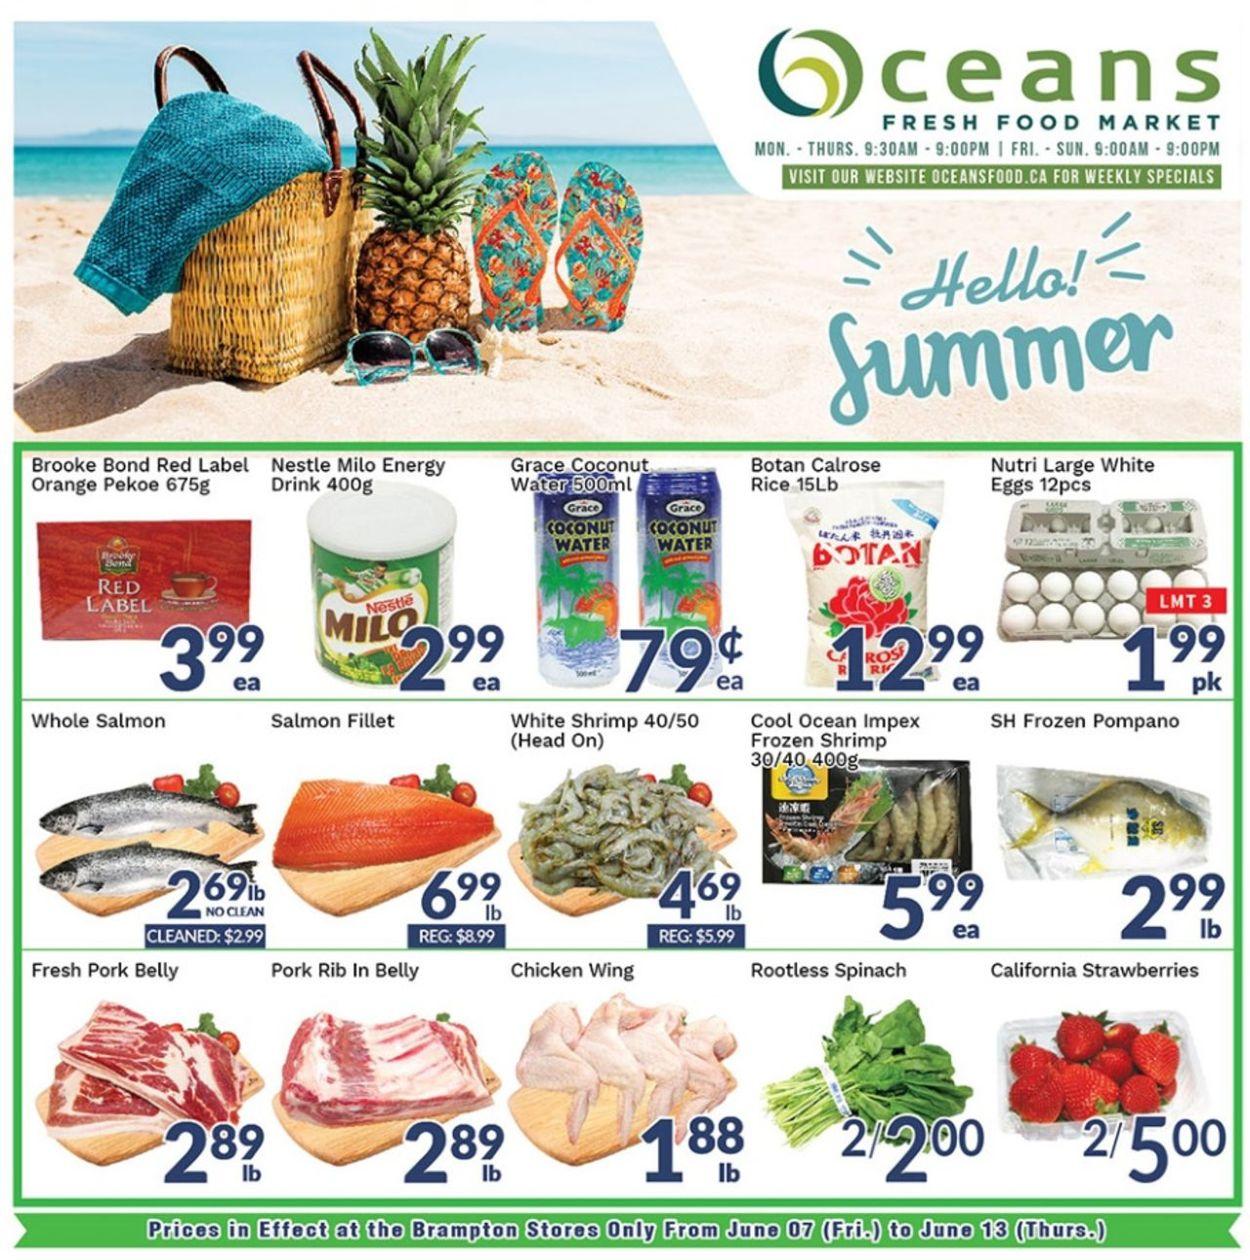 Oceans Flyer - 06/07-06/13/2019